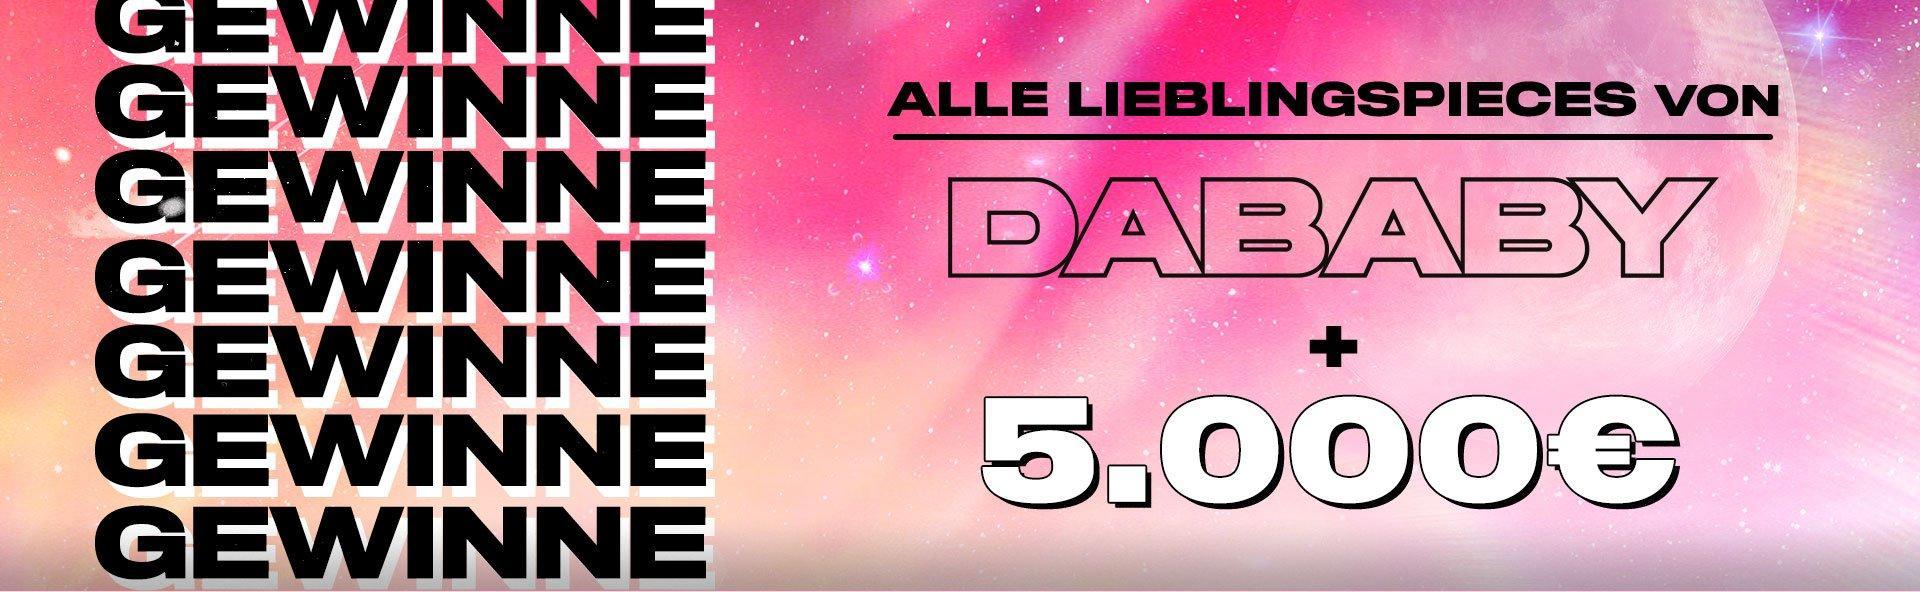 Gewinne Alle Lieblingspieces von Dababy + 5,000€